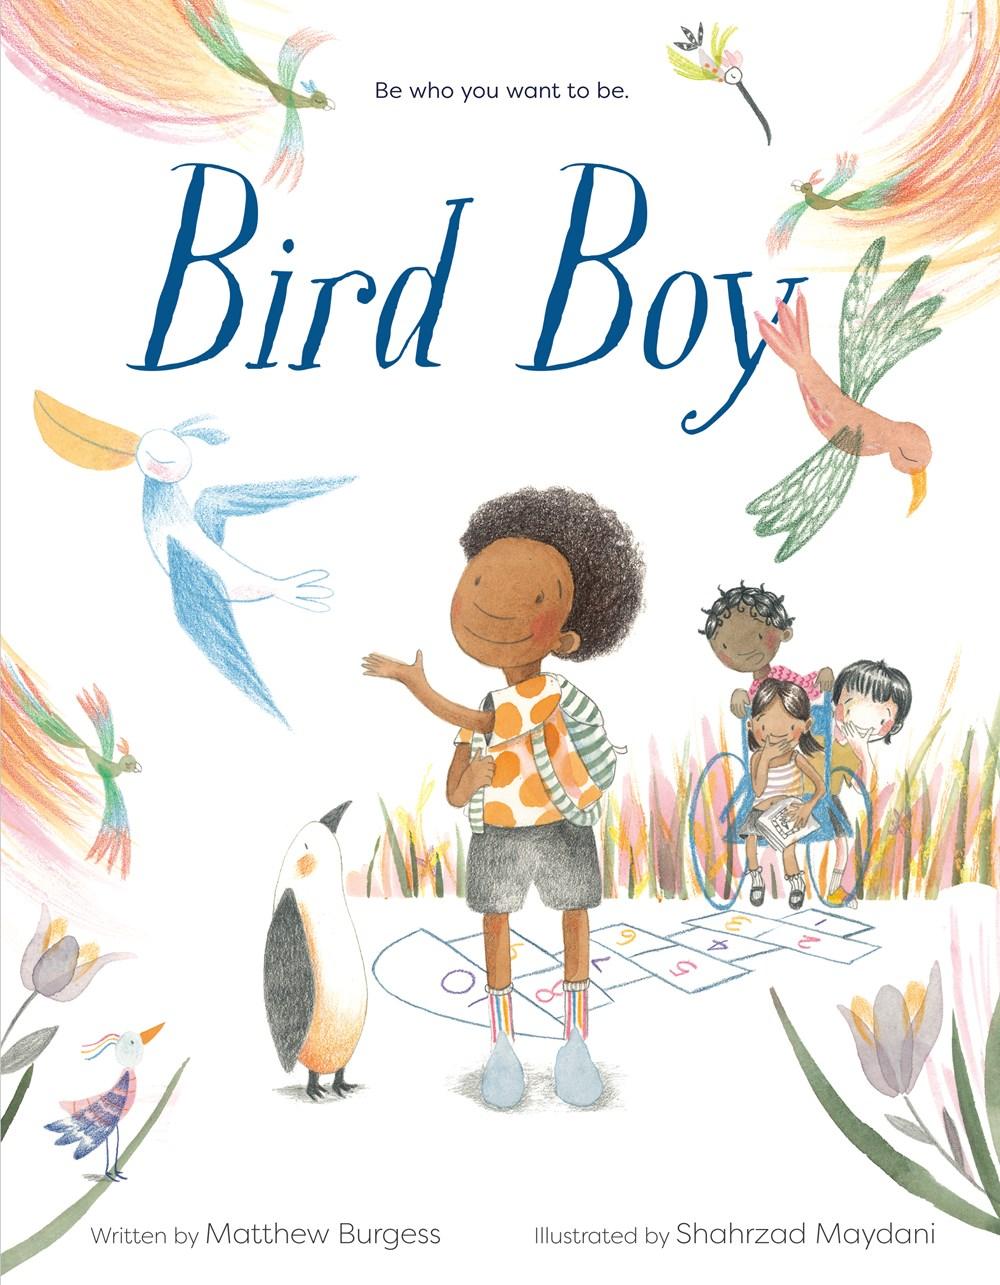 Bird Boy by Matthew Burgess book cover